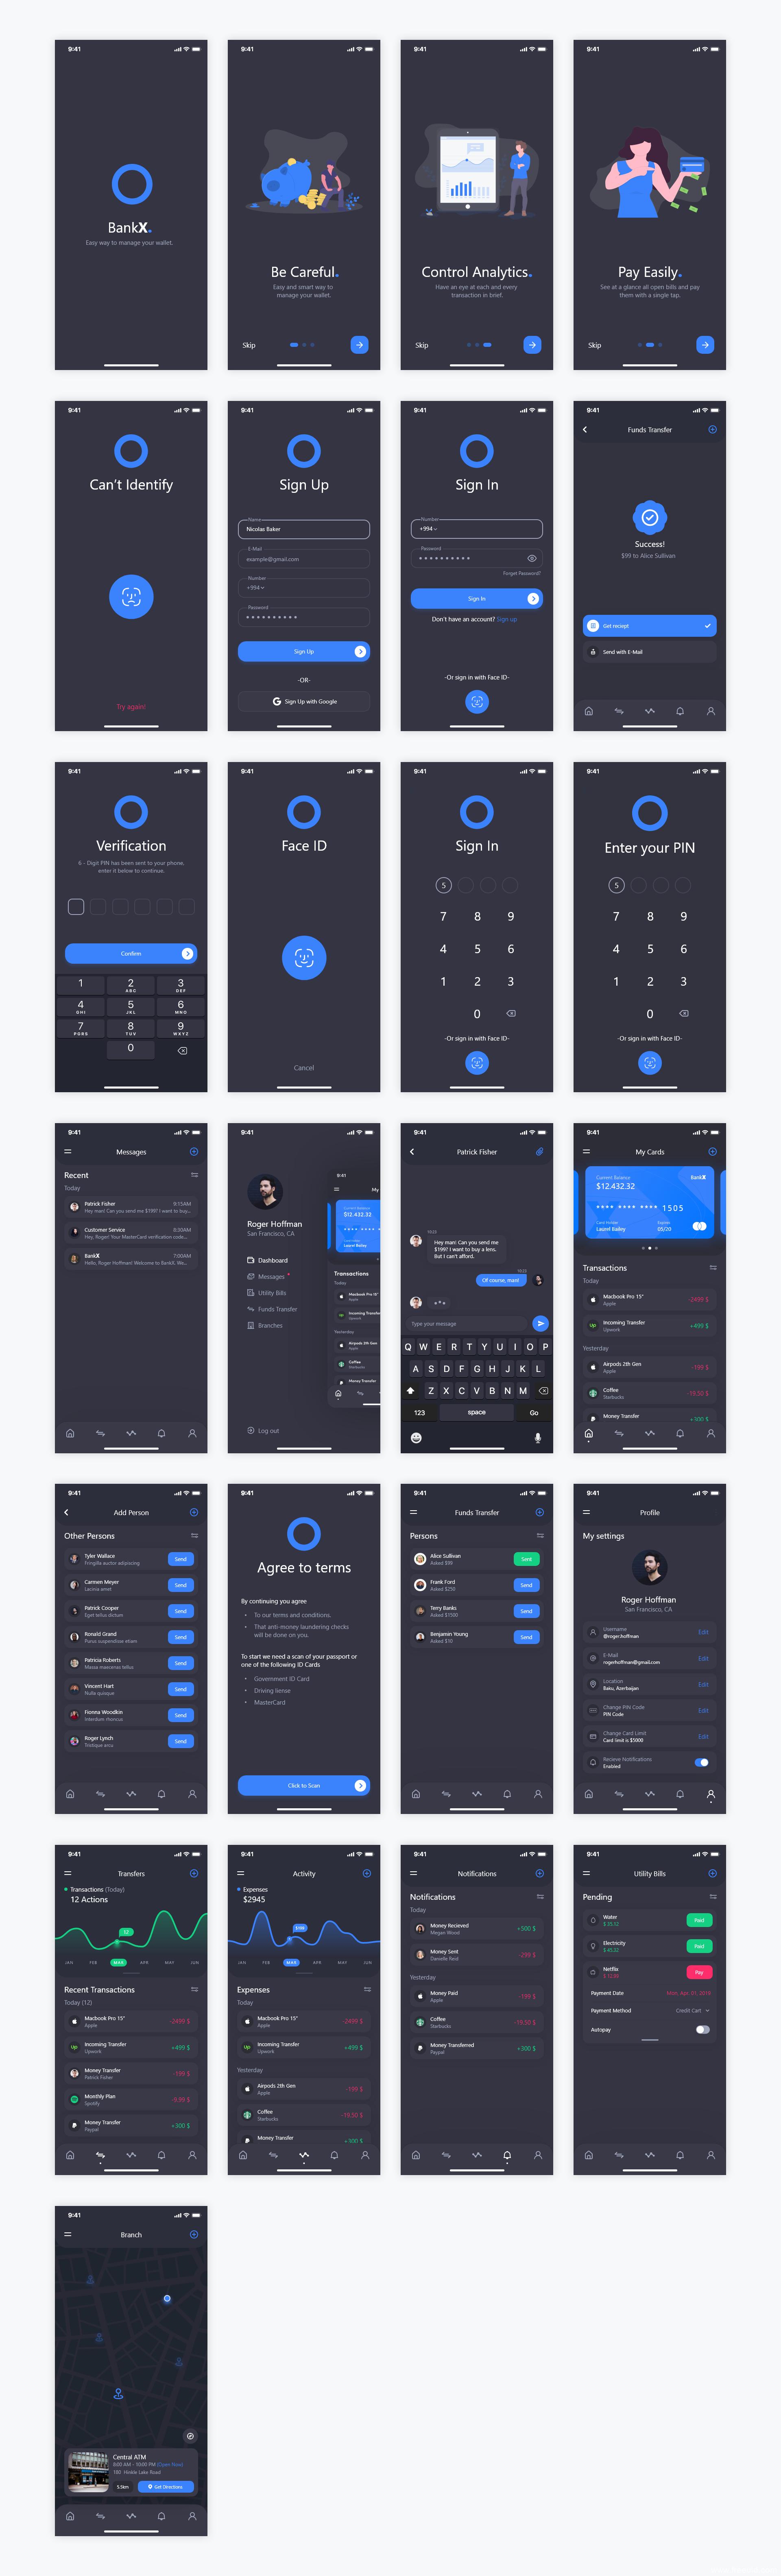 2个色彩主题 成套金融app ui bankX .xd素材下载